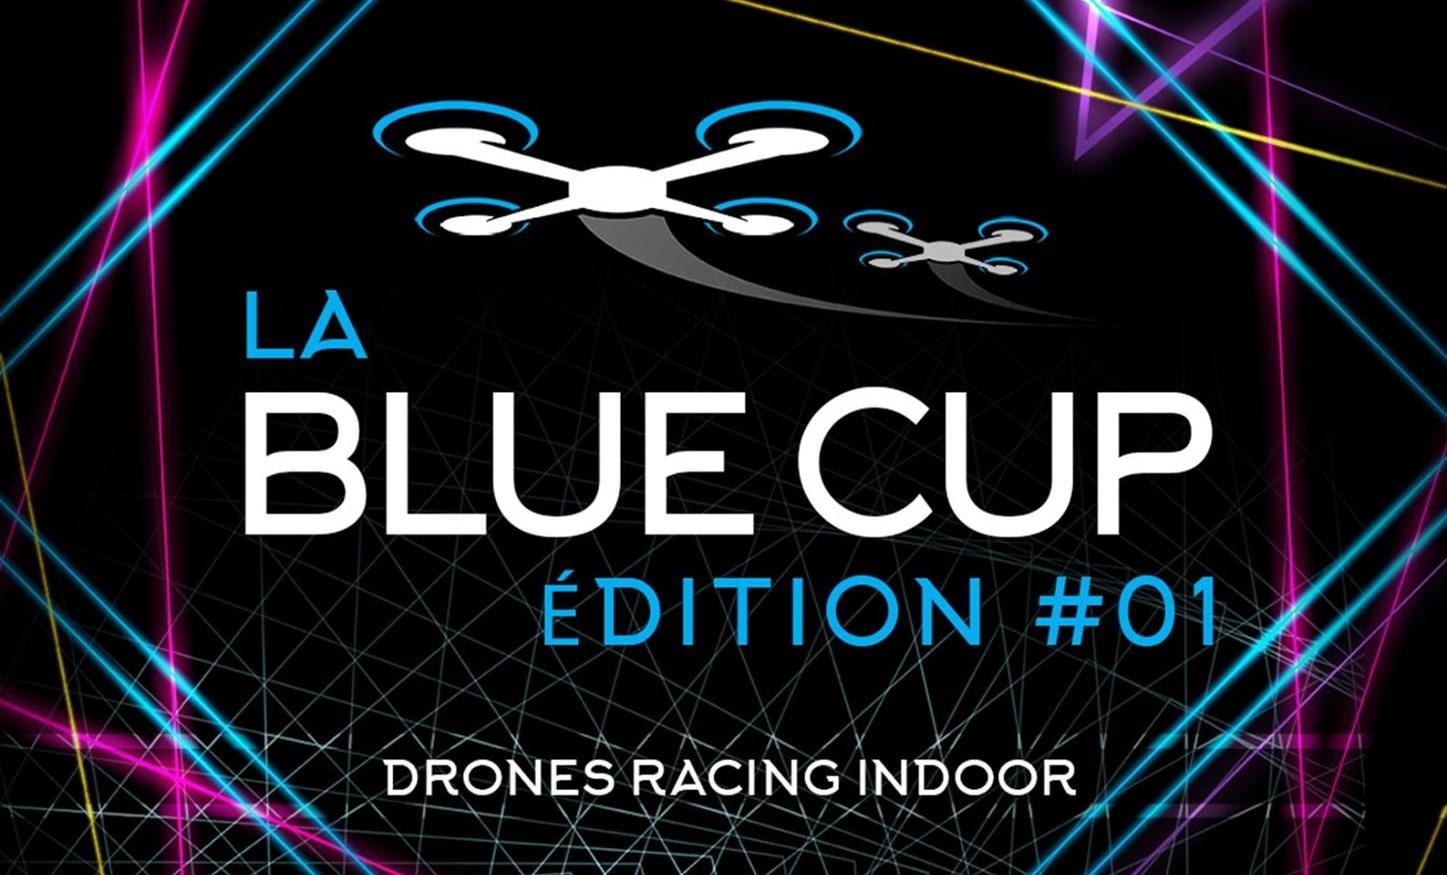 La Blue Cup édition #01